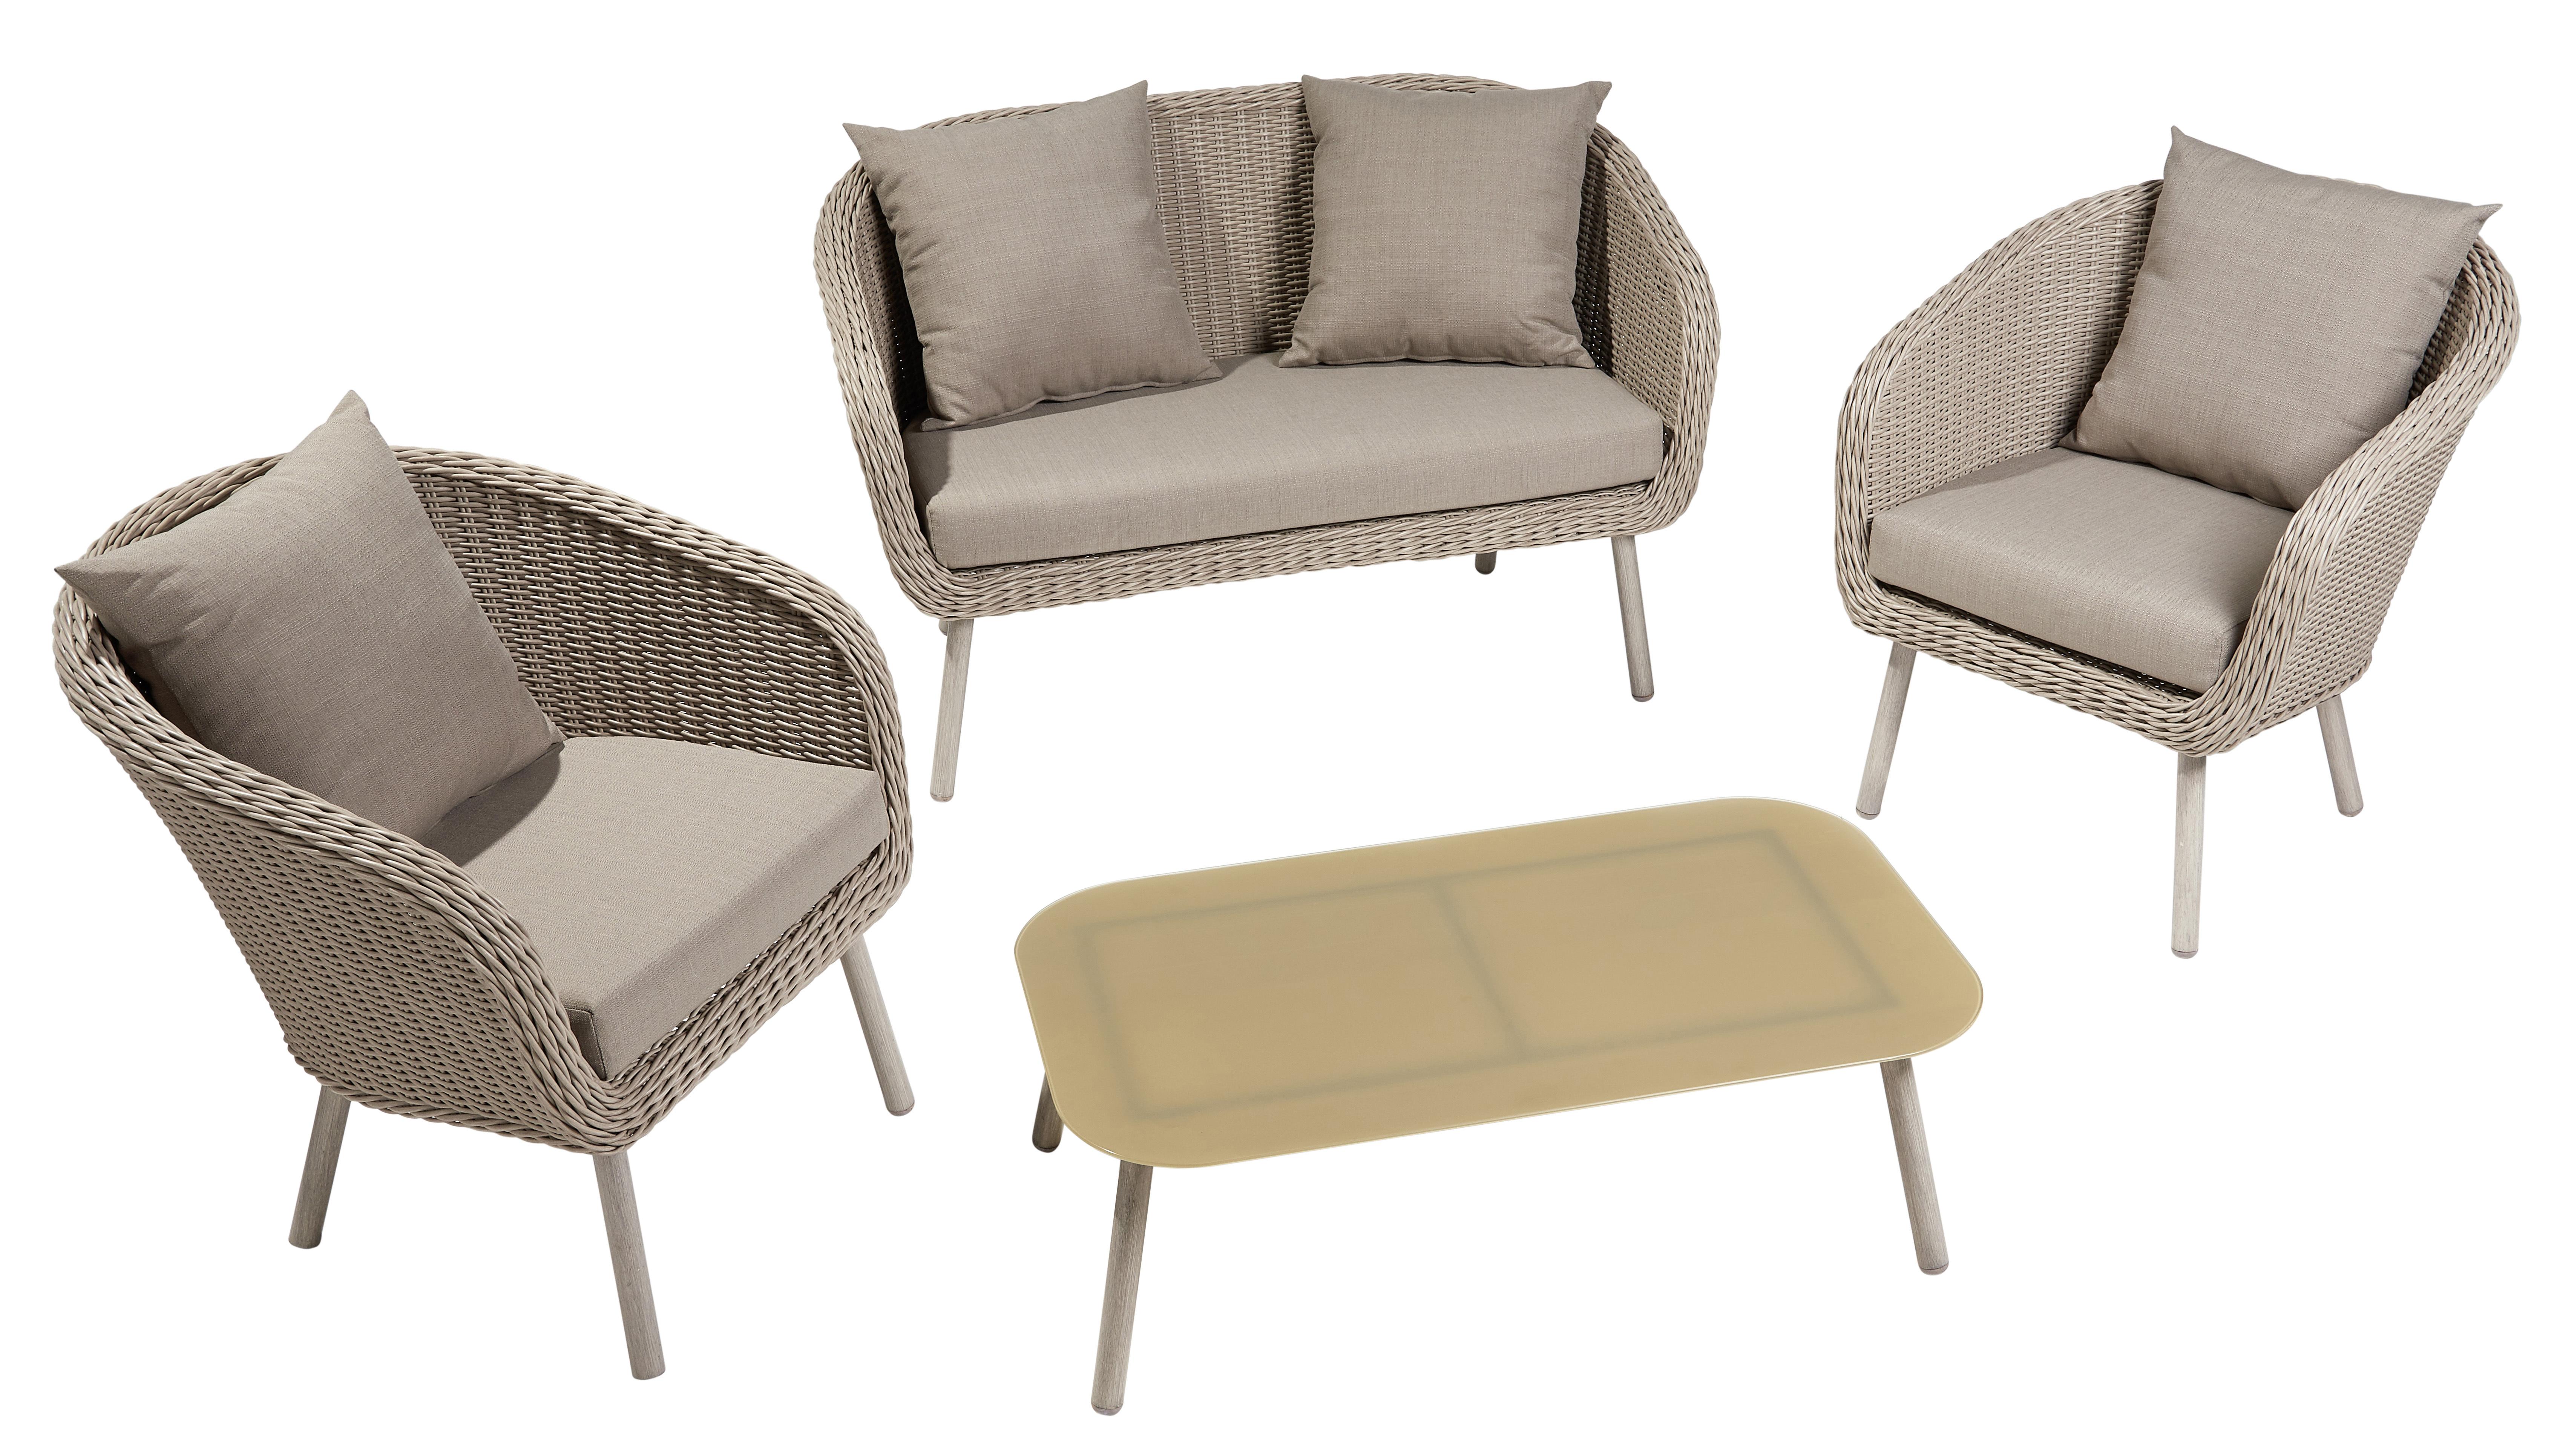 CARREFOUR - Salon bas de jardin Romantique - 4 pièces - GD69142 Café ...